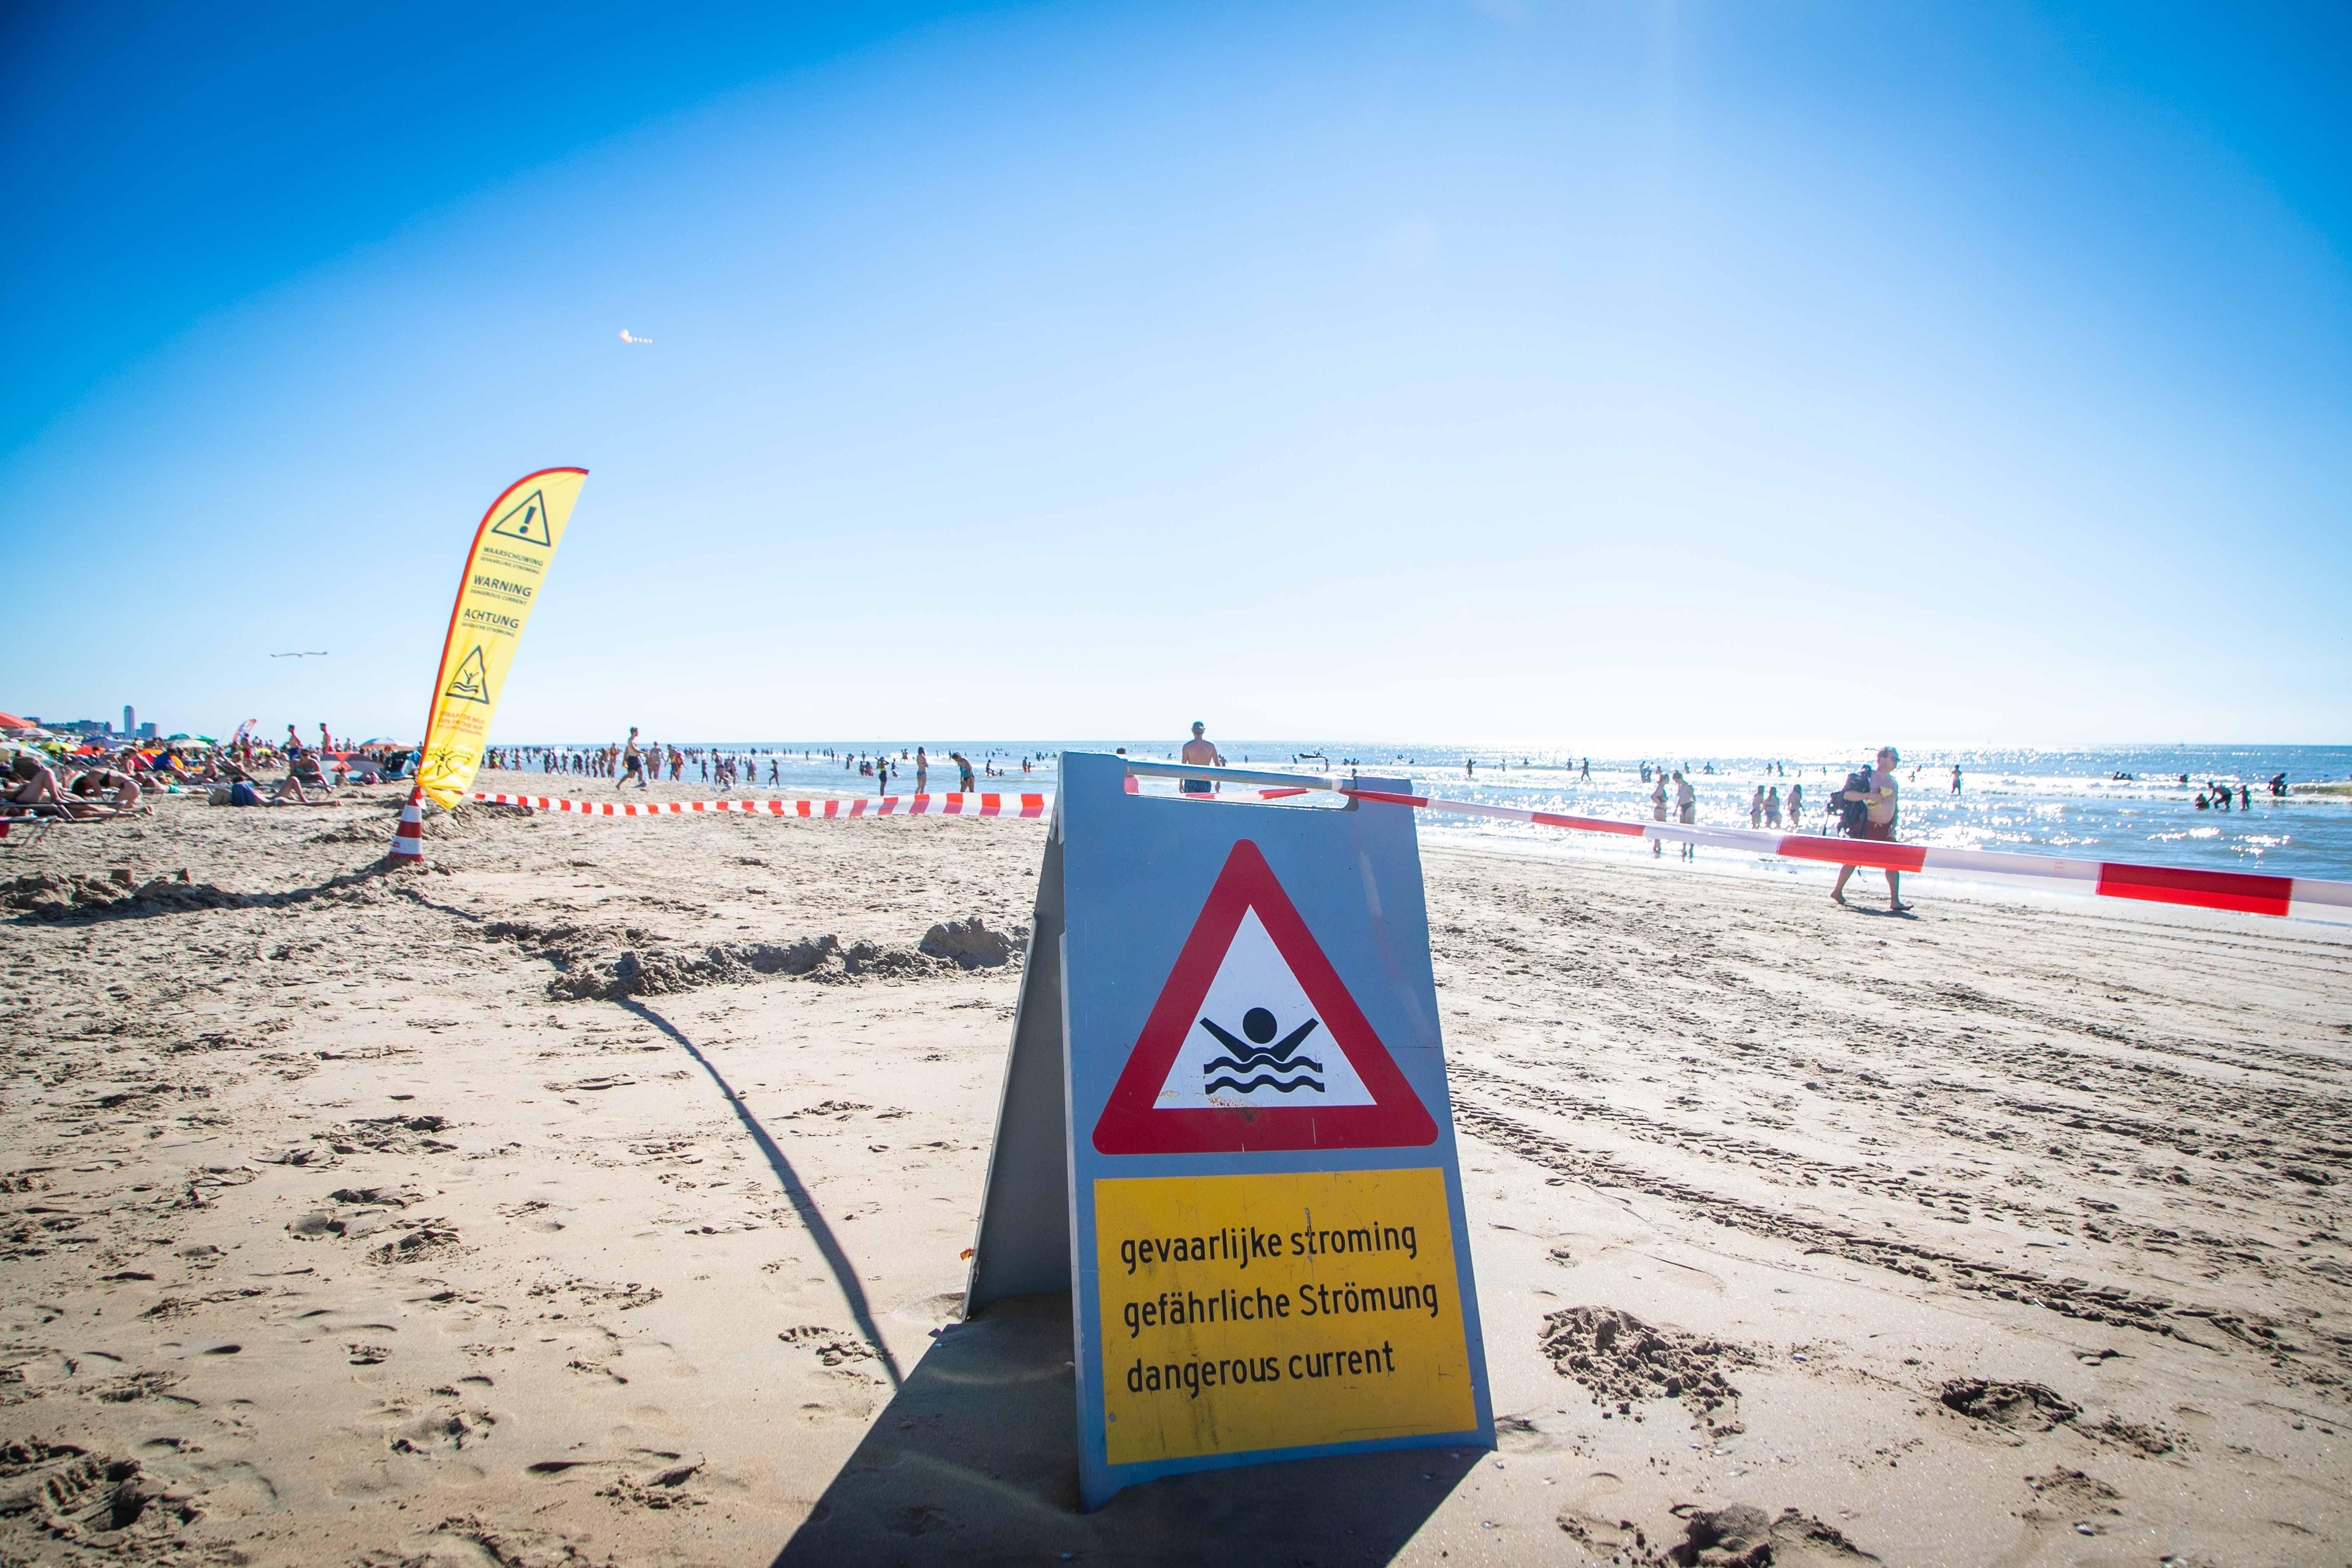 Reddingsbrigade waarschuwt ook maandag voor gevaarlijke zee